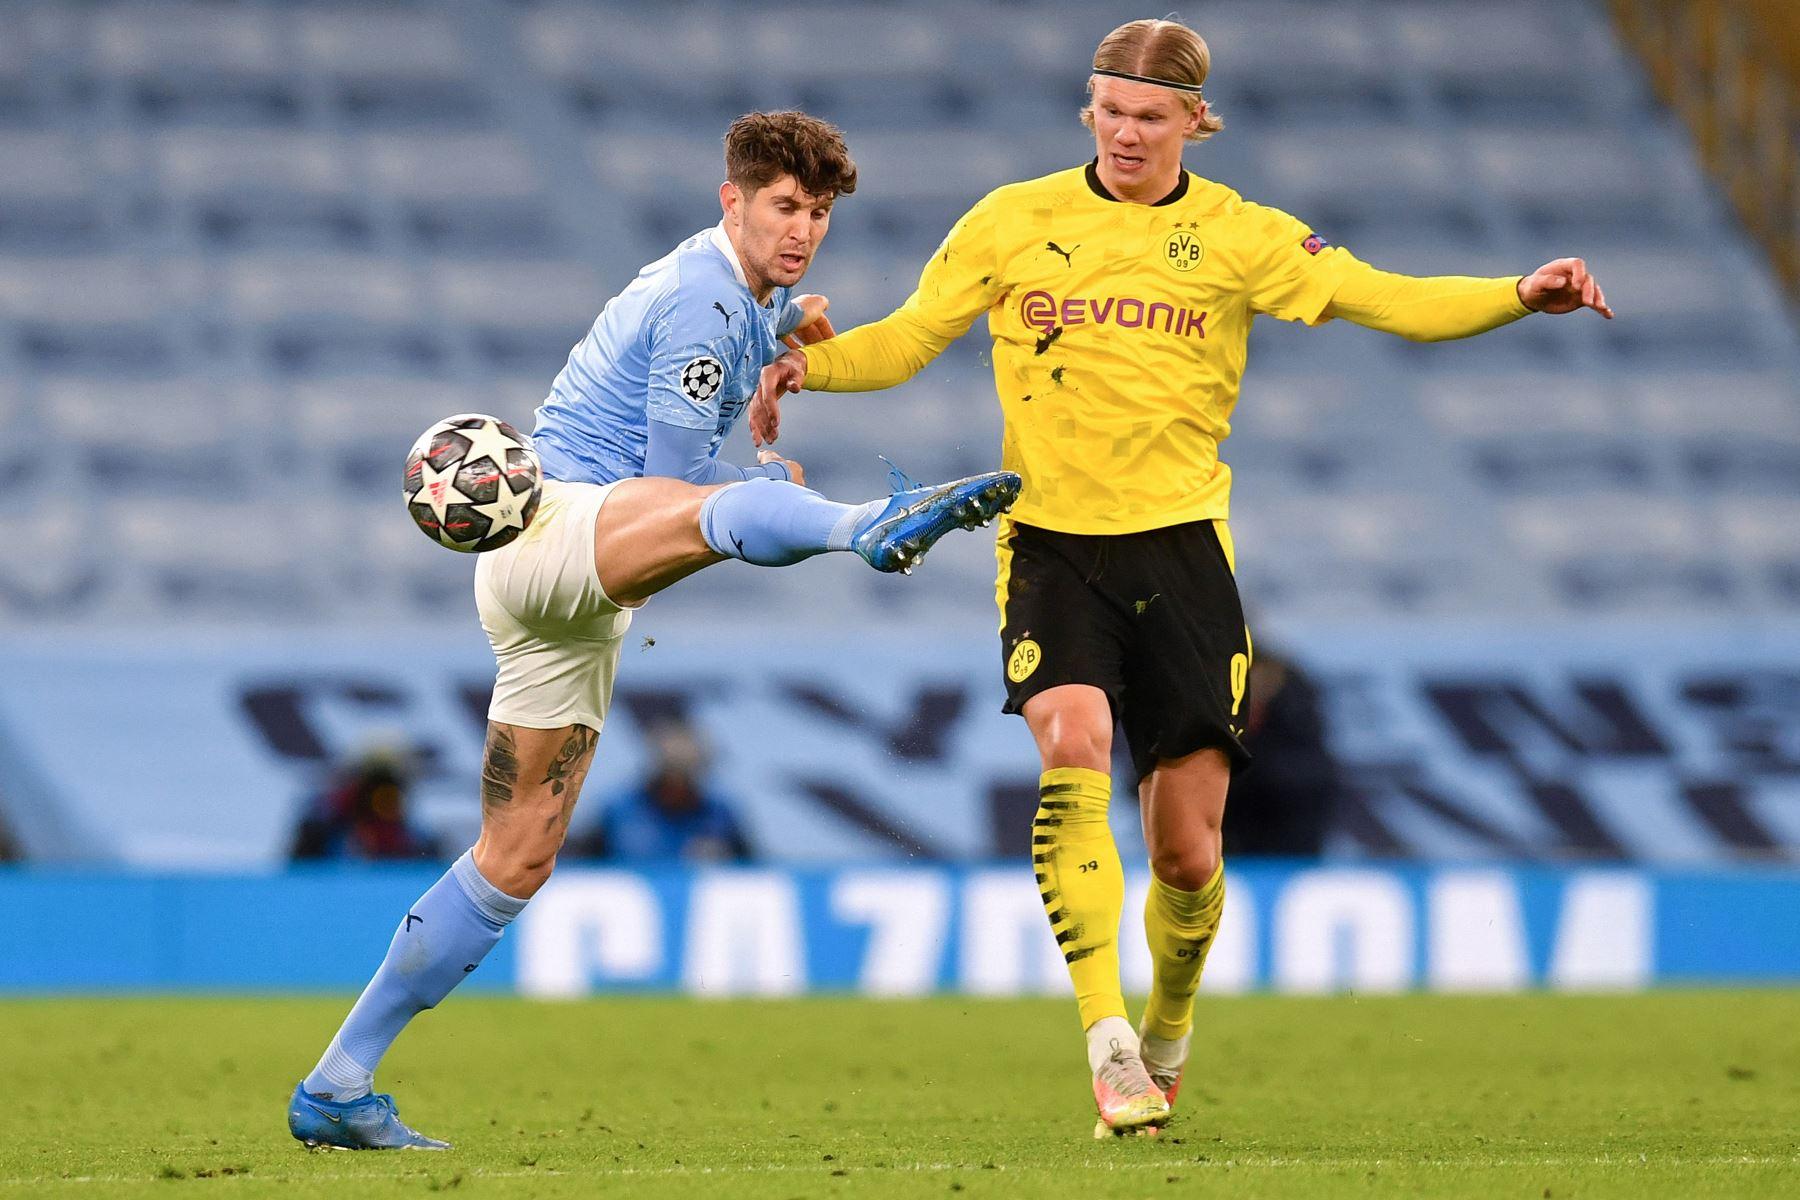 El defensor inglés del Manchester City, John Stones, compite contra el delantero noruego del Dortmund, Erling Haaland, durante el partido de ida de cuartos de final de la Liga de Campeones de la UEFA. Foto: AFP